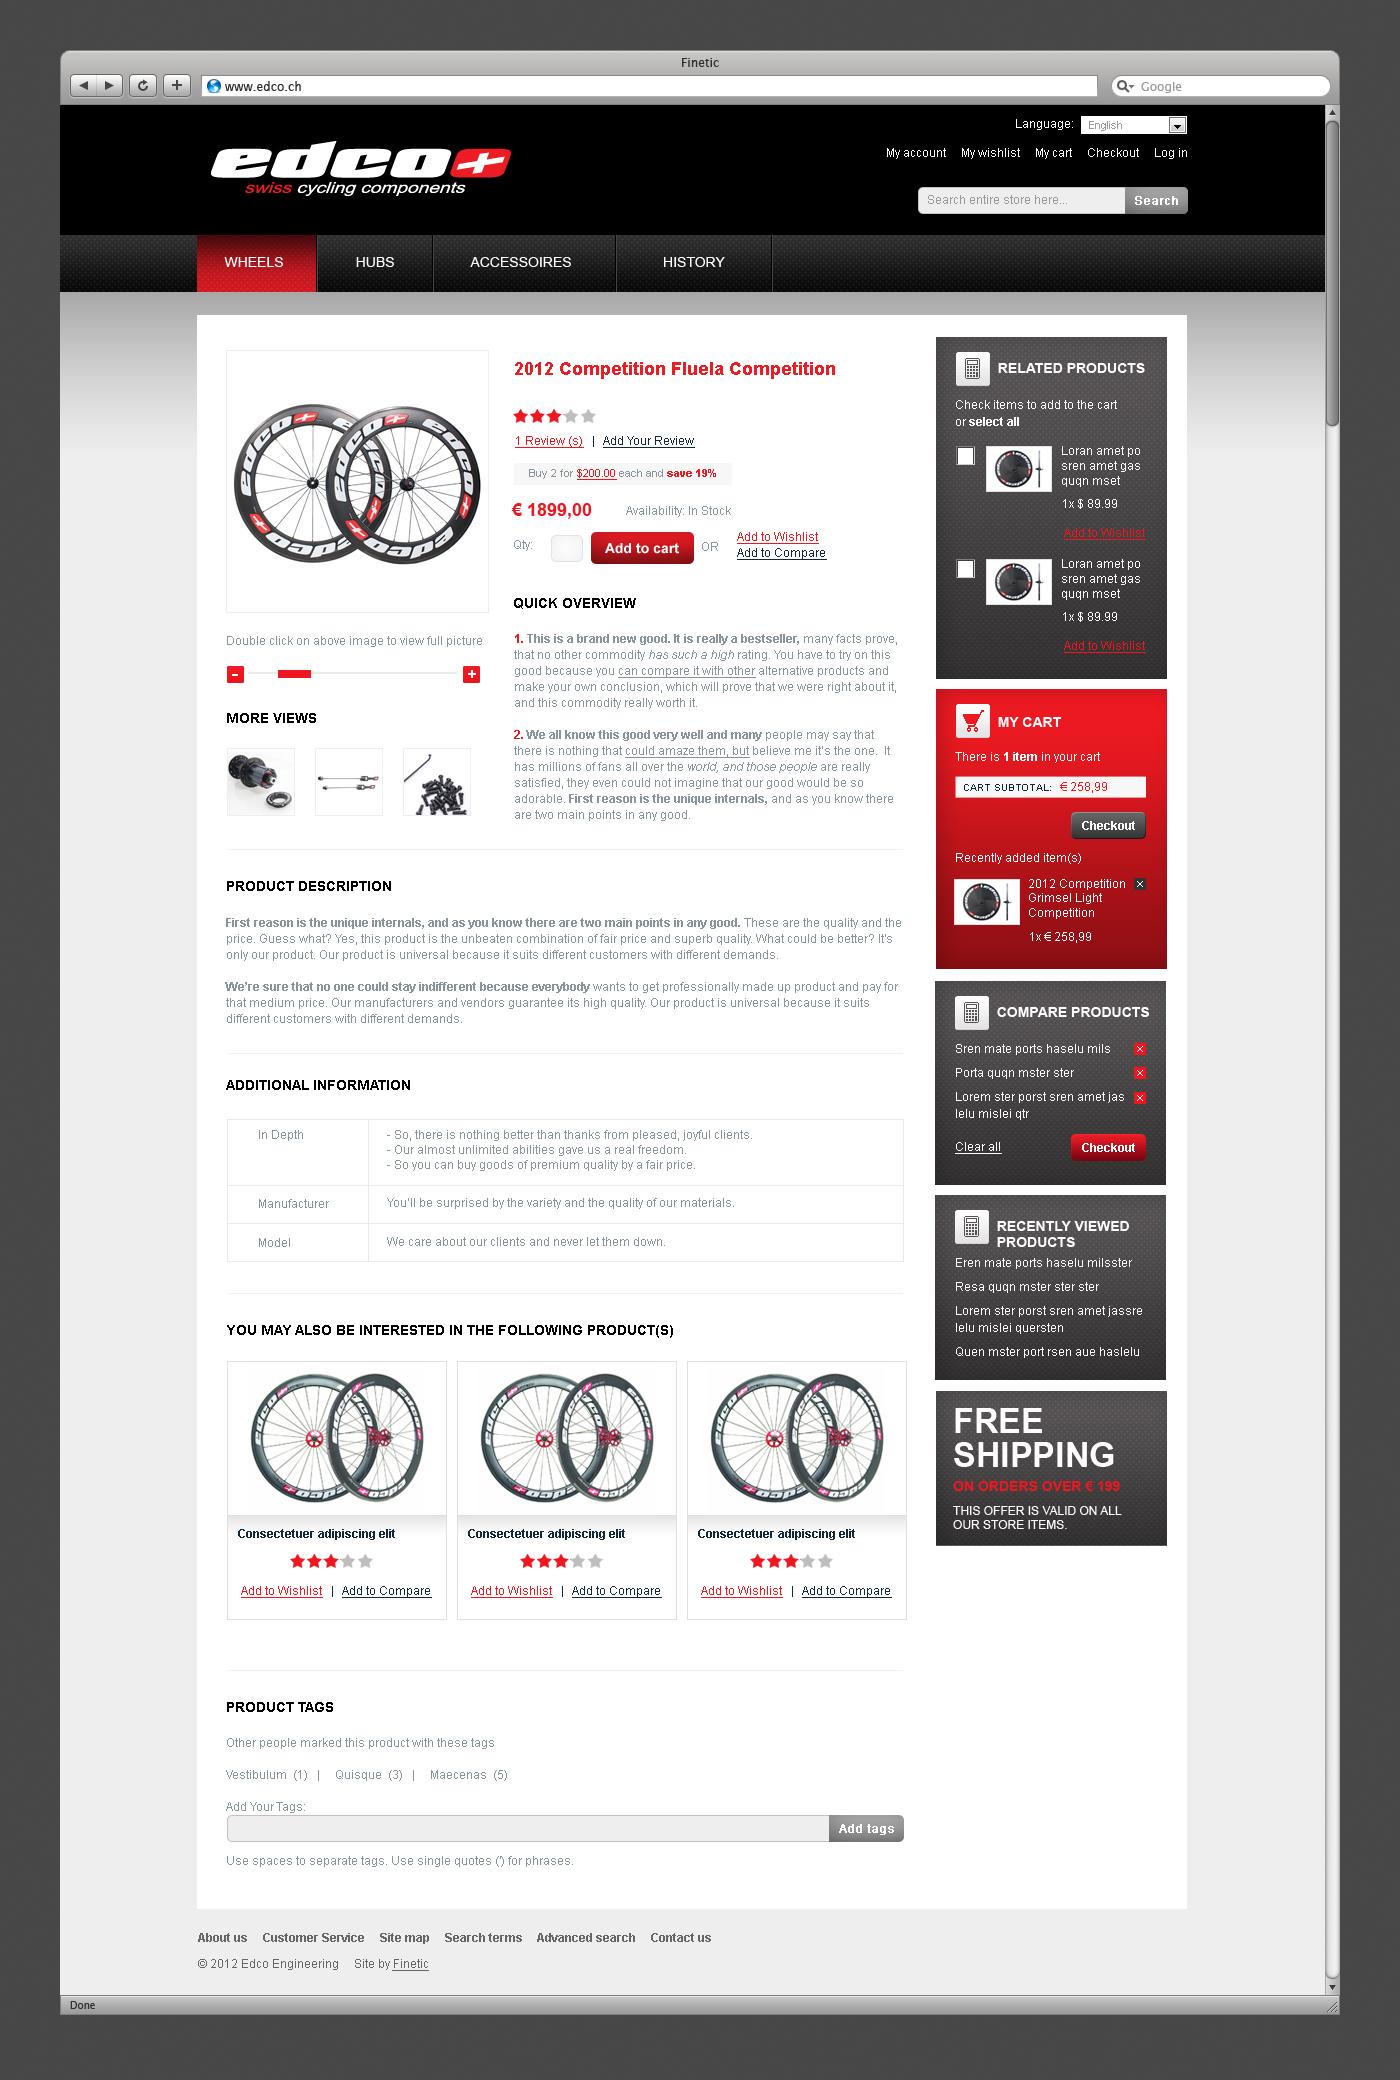 edco-webshop-magento